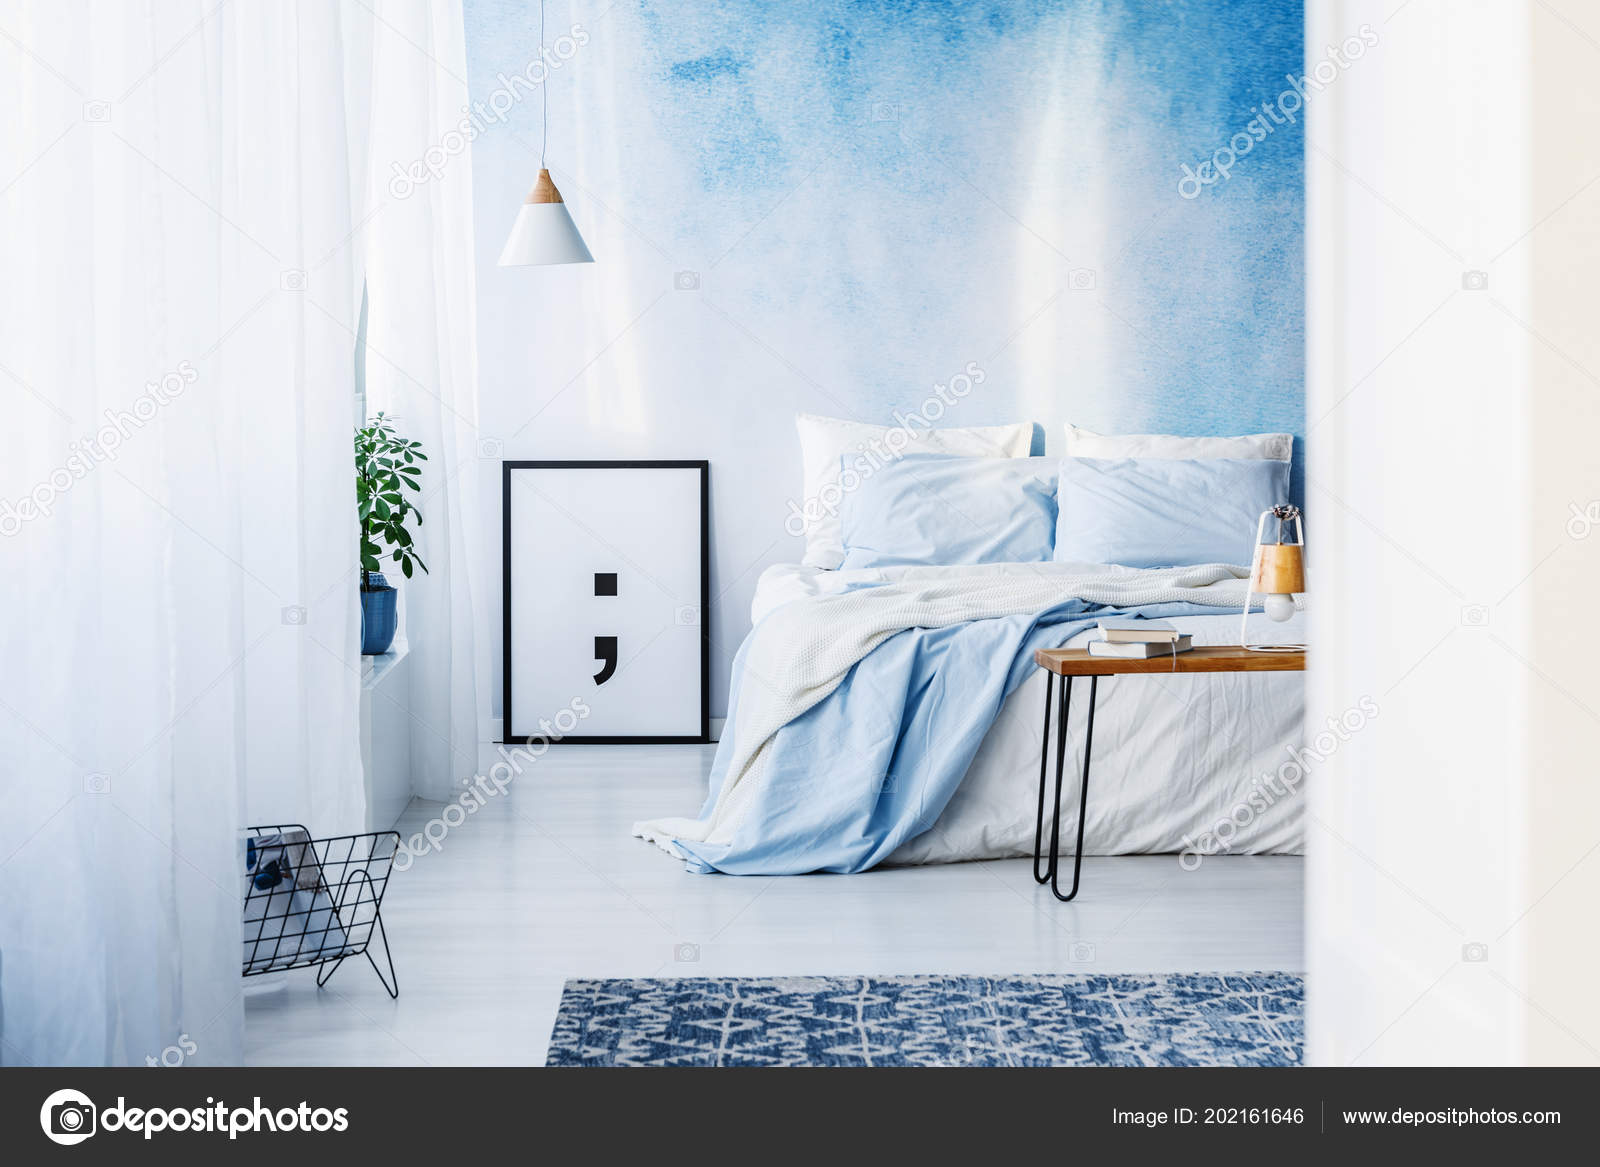 Gemusterten Teppich Und Poster Innen Blaue Schlafzimmer Mit ...